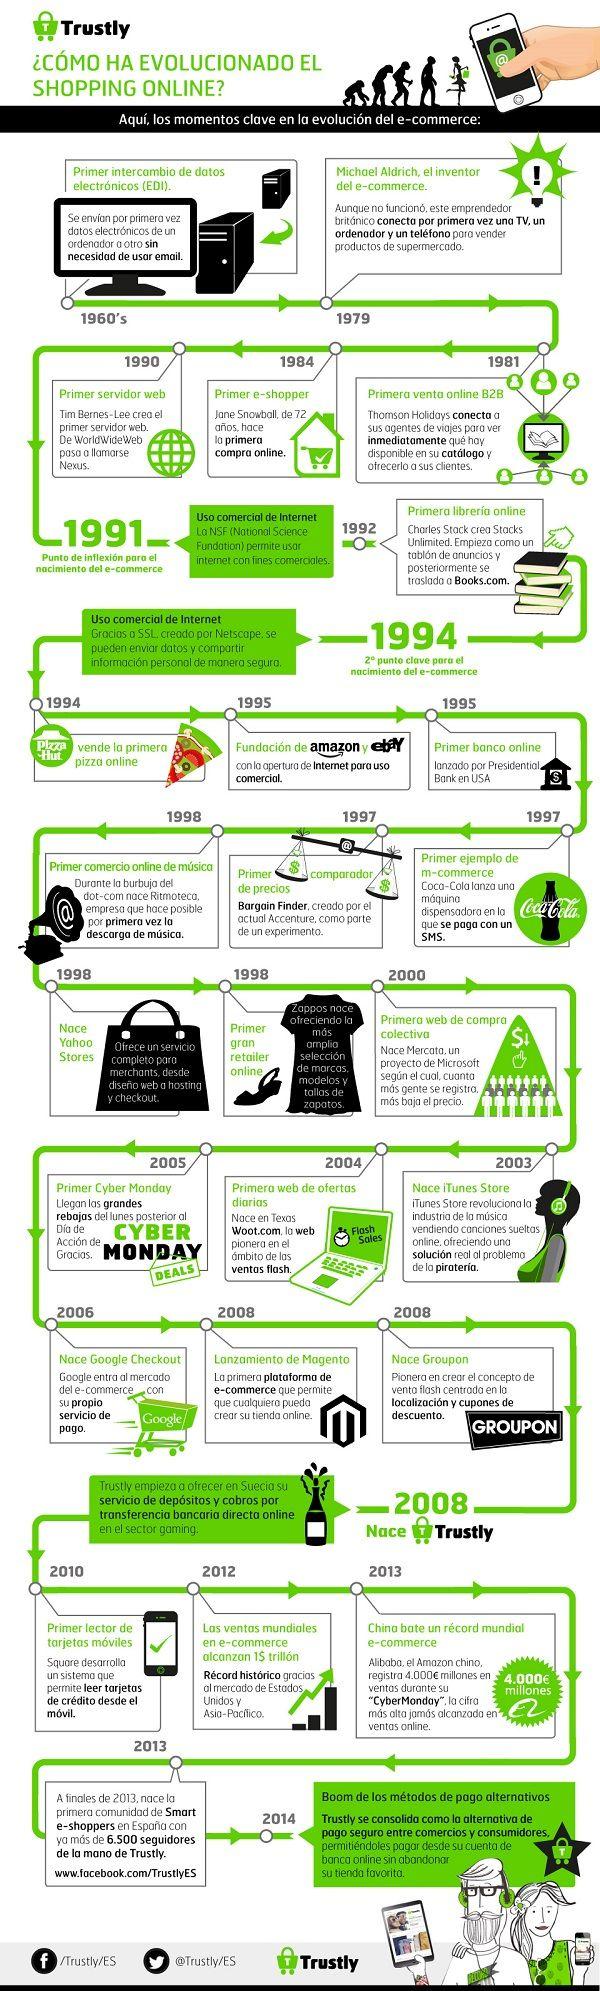 La evolución del comercio online en una infografía #ecommerce #MarketingDigital